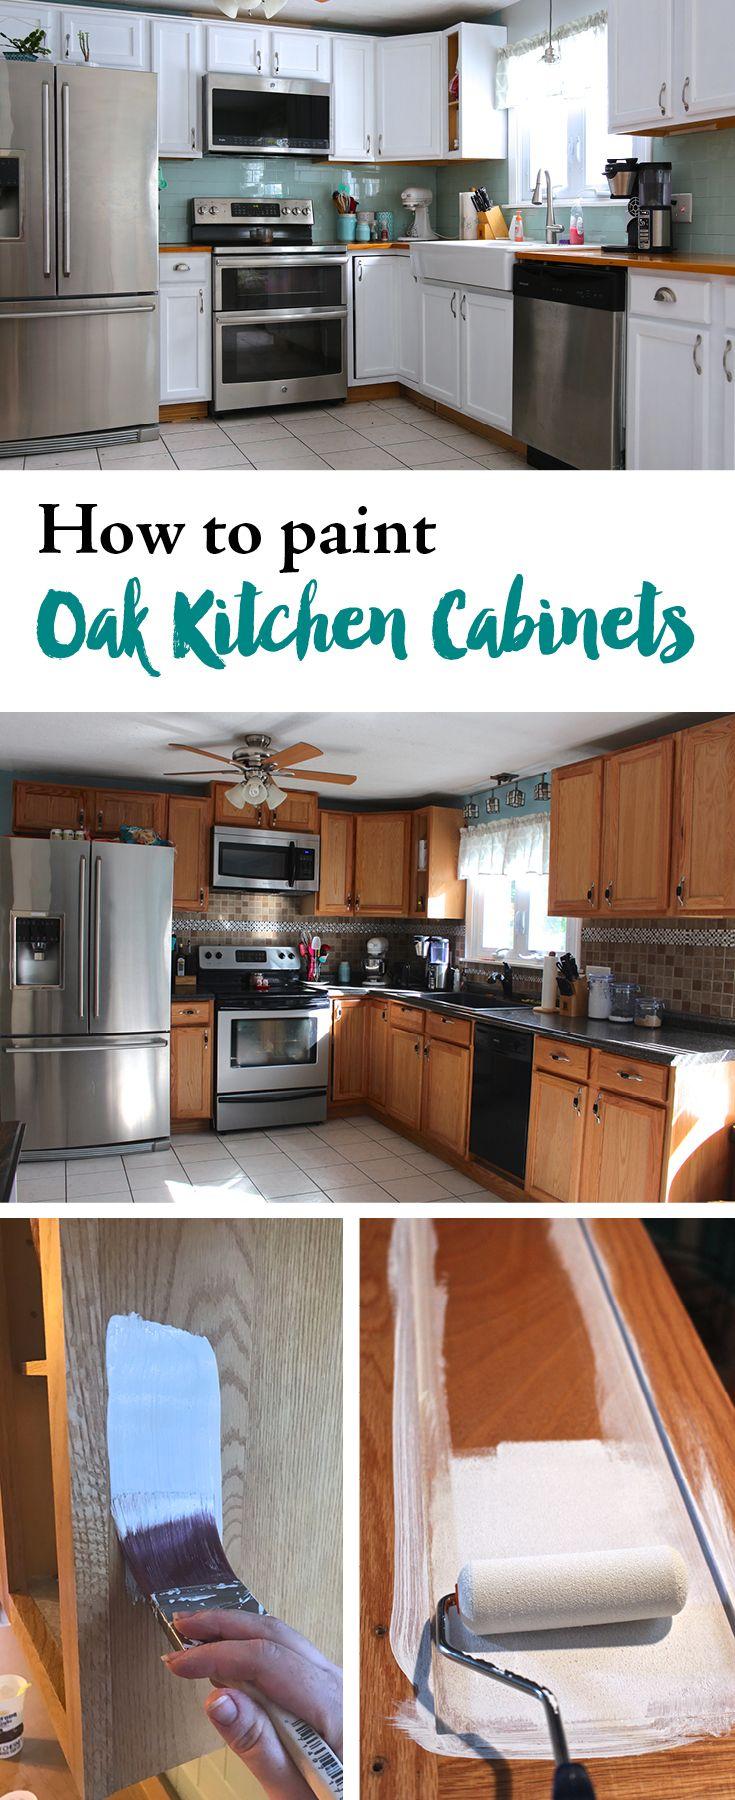 How To Paint Oak Kitchen Cabinets Weekend Craft Diy Kitchen Renovation Oak Kitchen Cabinets Painting Oak Cabinets